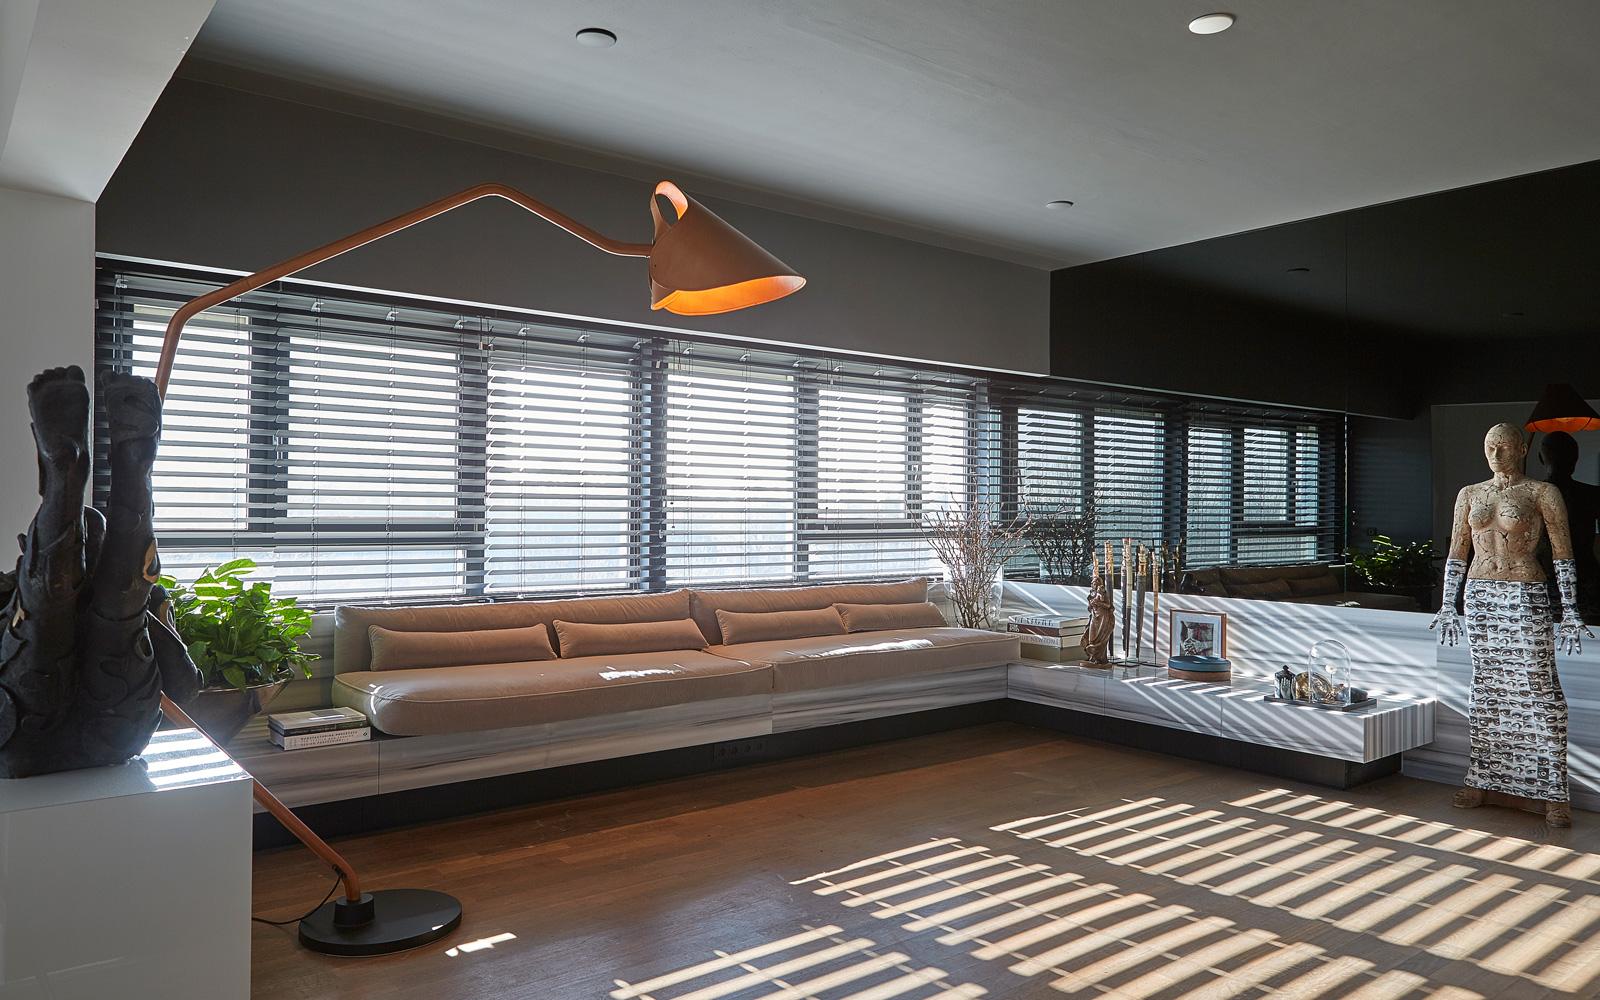 De exclusieve bank van RAW interiors staat mooi op de houten vloer van H&T Vloeren.